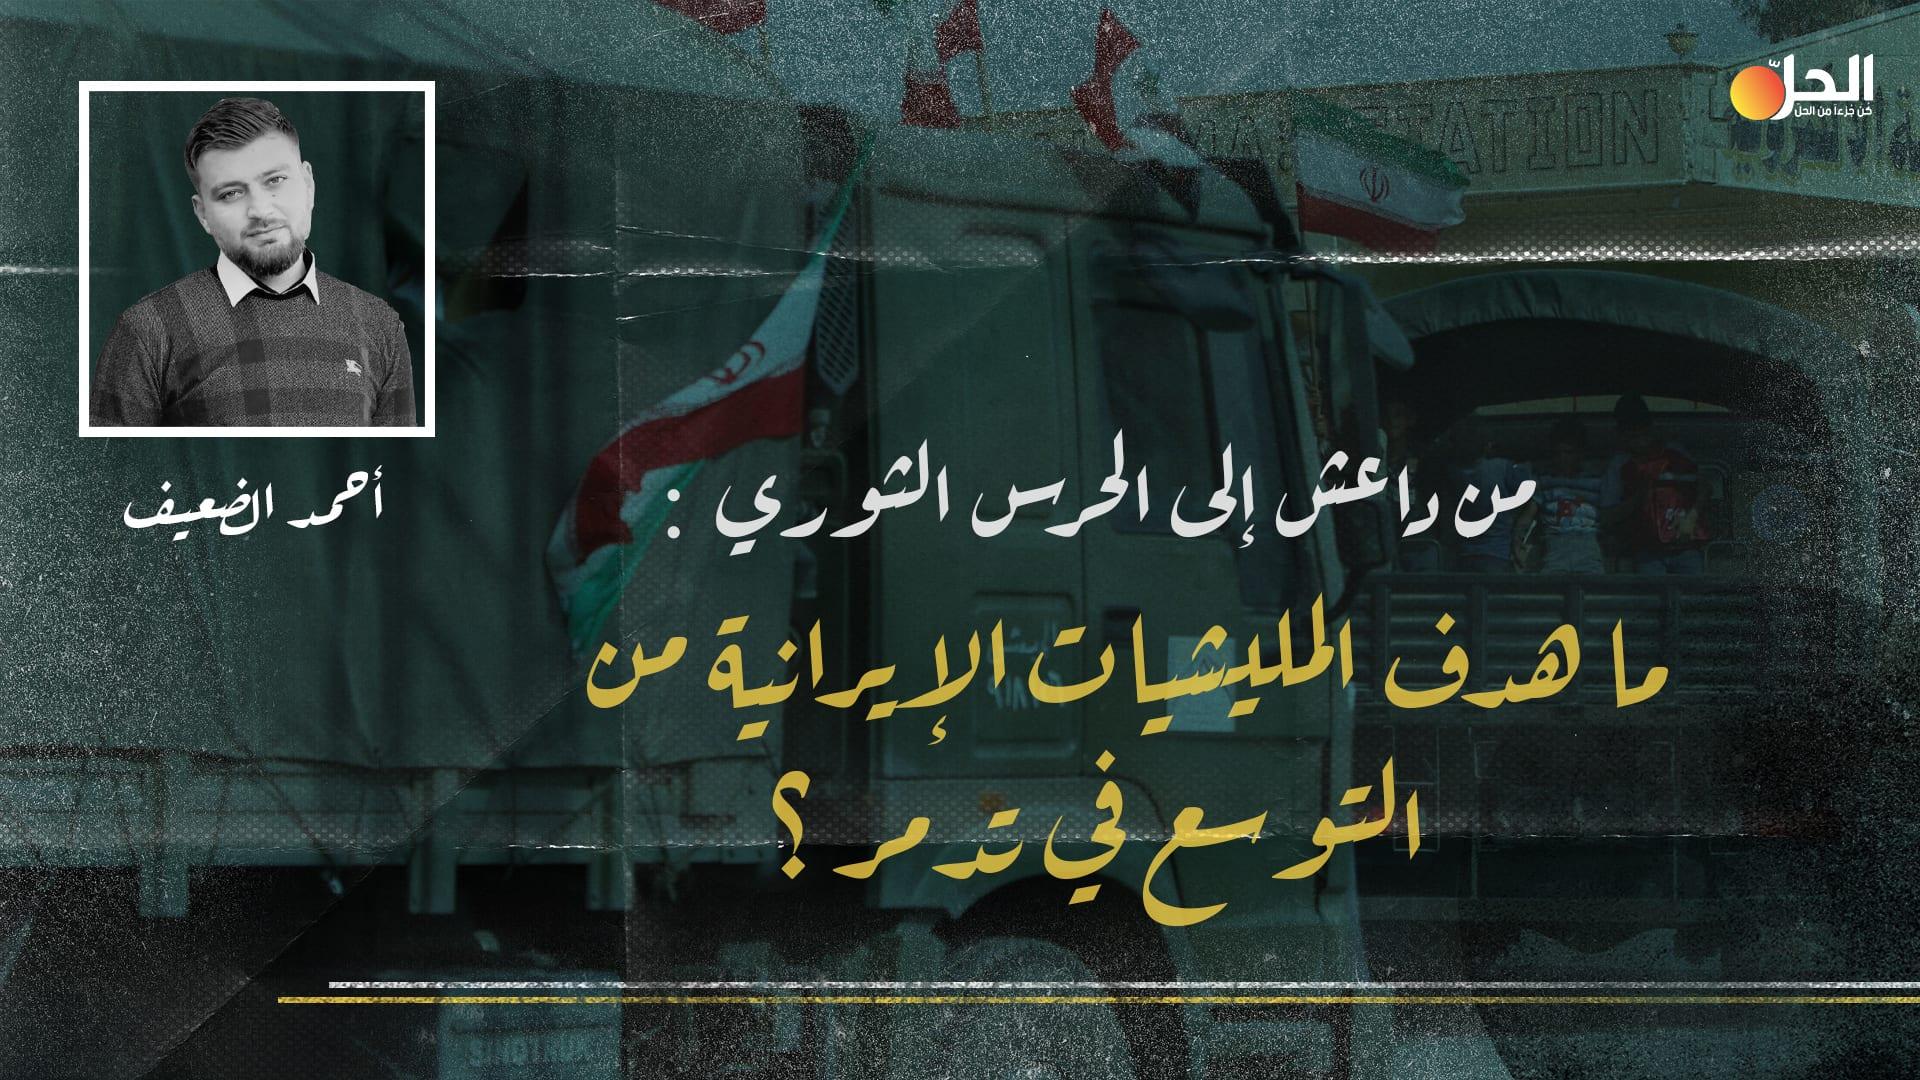 وسط حملات التشييع وعمليات تهريب الآثار: تدمر قاعدةً أساسيةً للنفوذ الإيراني في سوريا